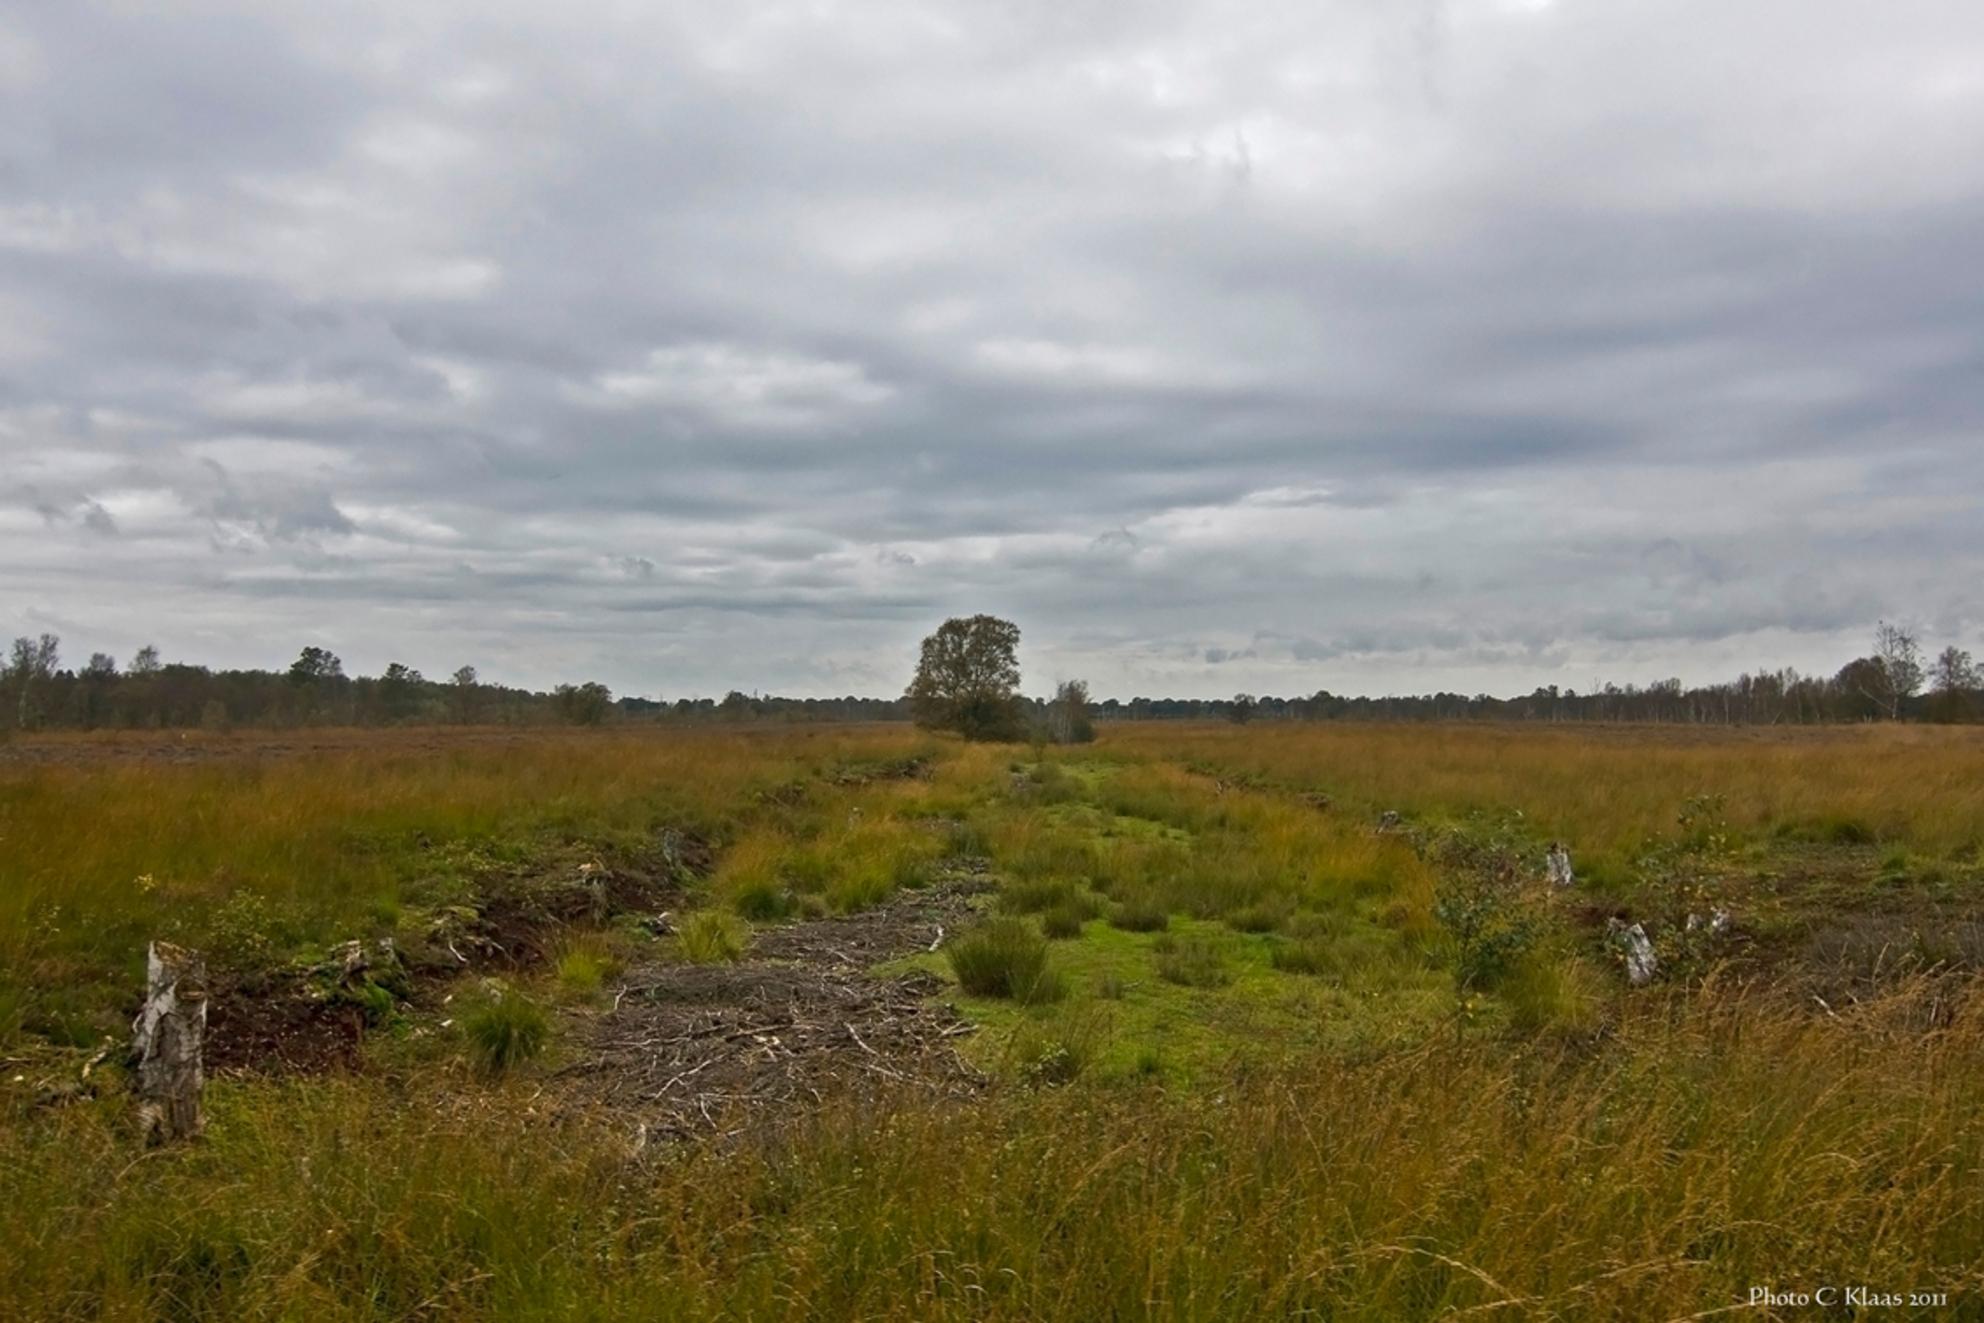 Veenlandschap - Hier wordt nog steeds turf gestoken. Dit is een veen landschap waar nog heel veel turf is te winnen. - foto door k.tien op 08-10-2011 - deze foto bevat: veenlandschap - Deze foto mag gebruikt worden in een Zoom.nl publicatie